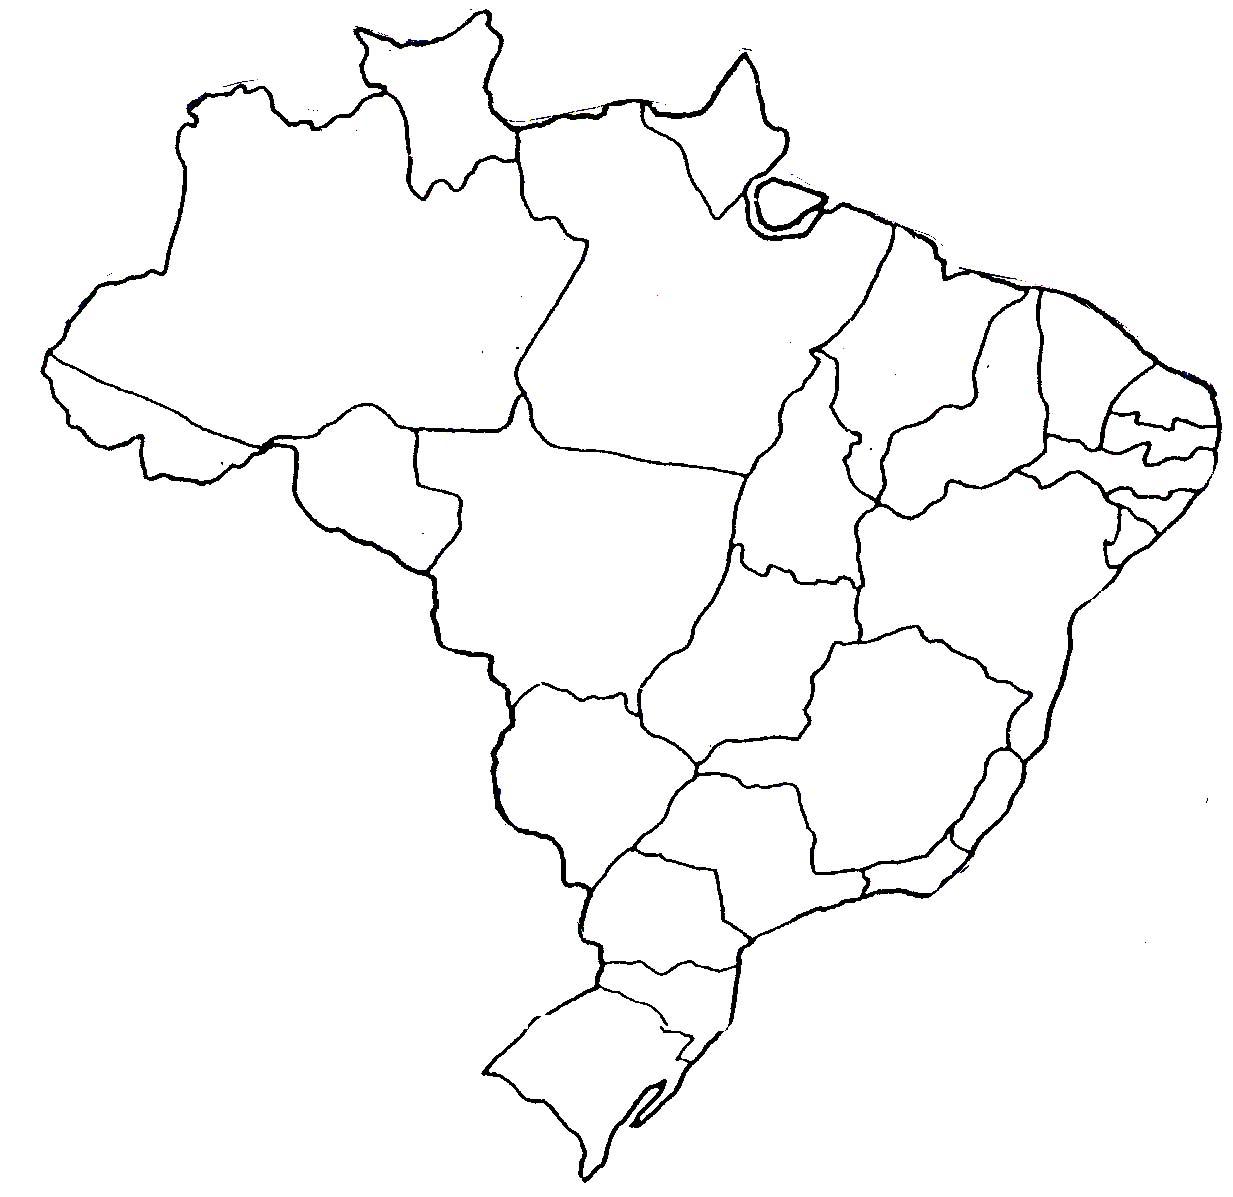 Educar X Mapas Poltico do Brasil para pintar e colorir